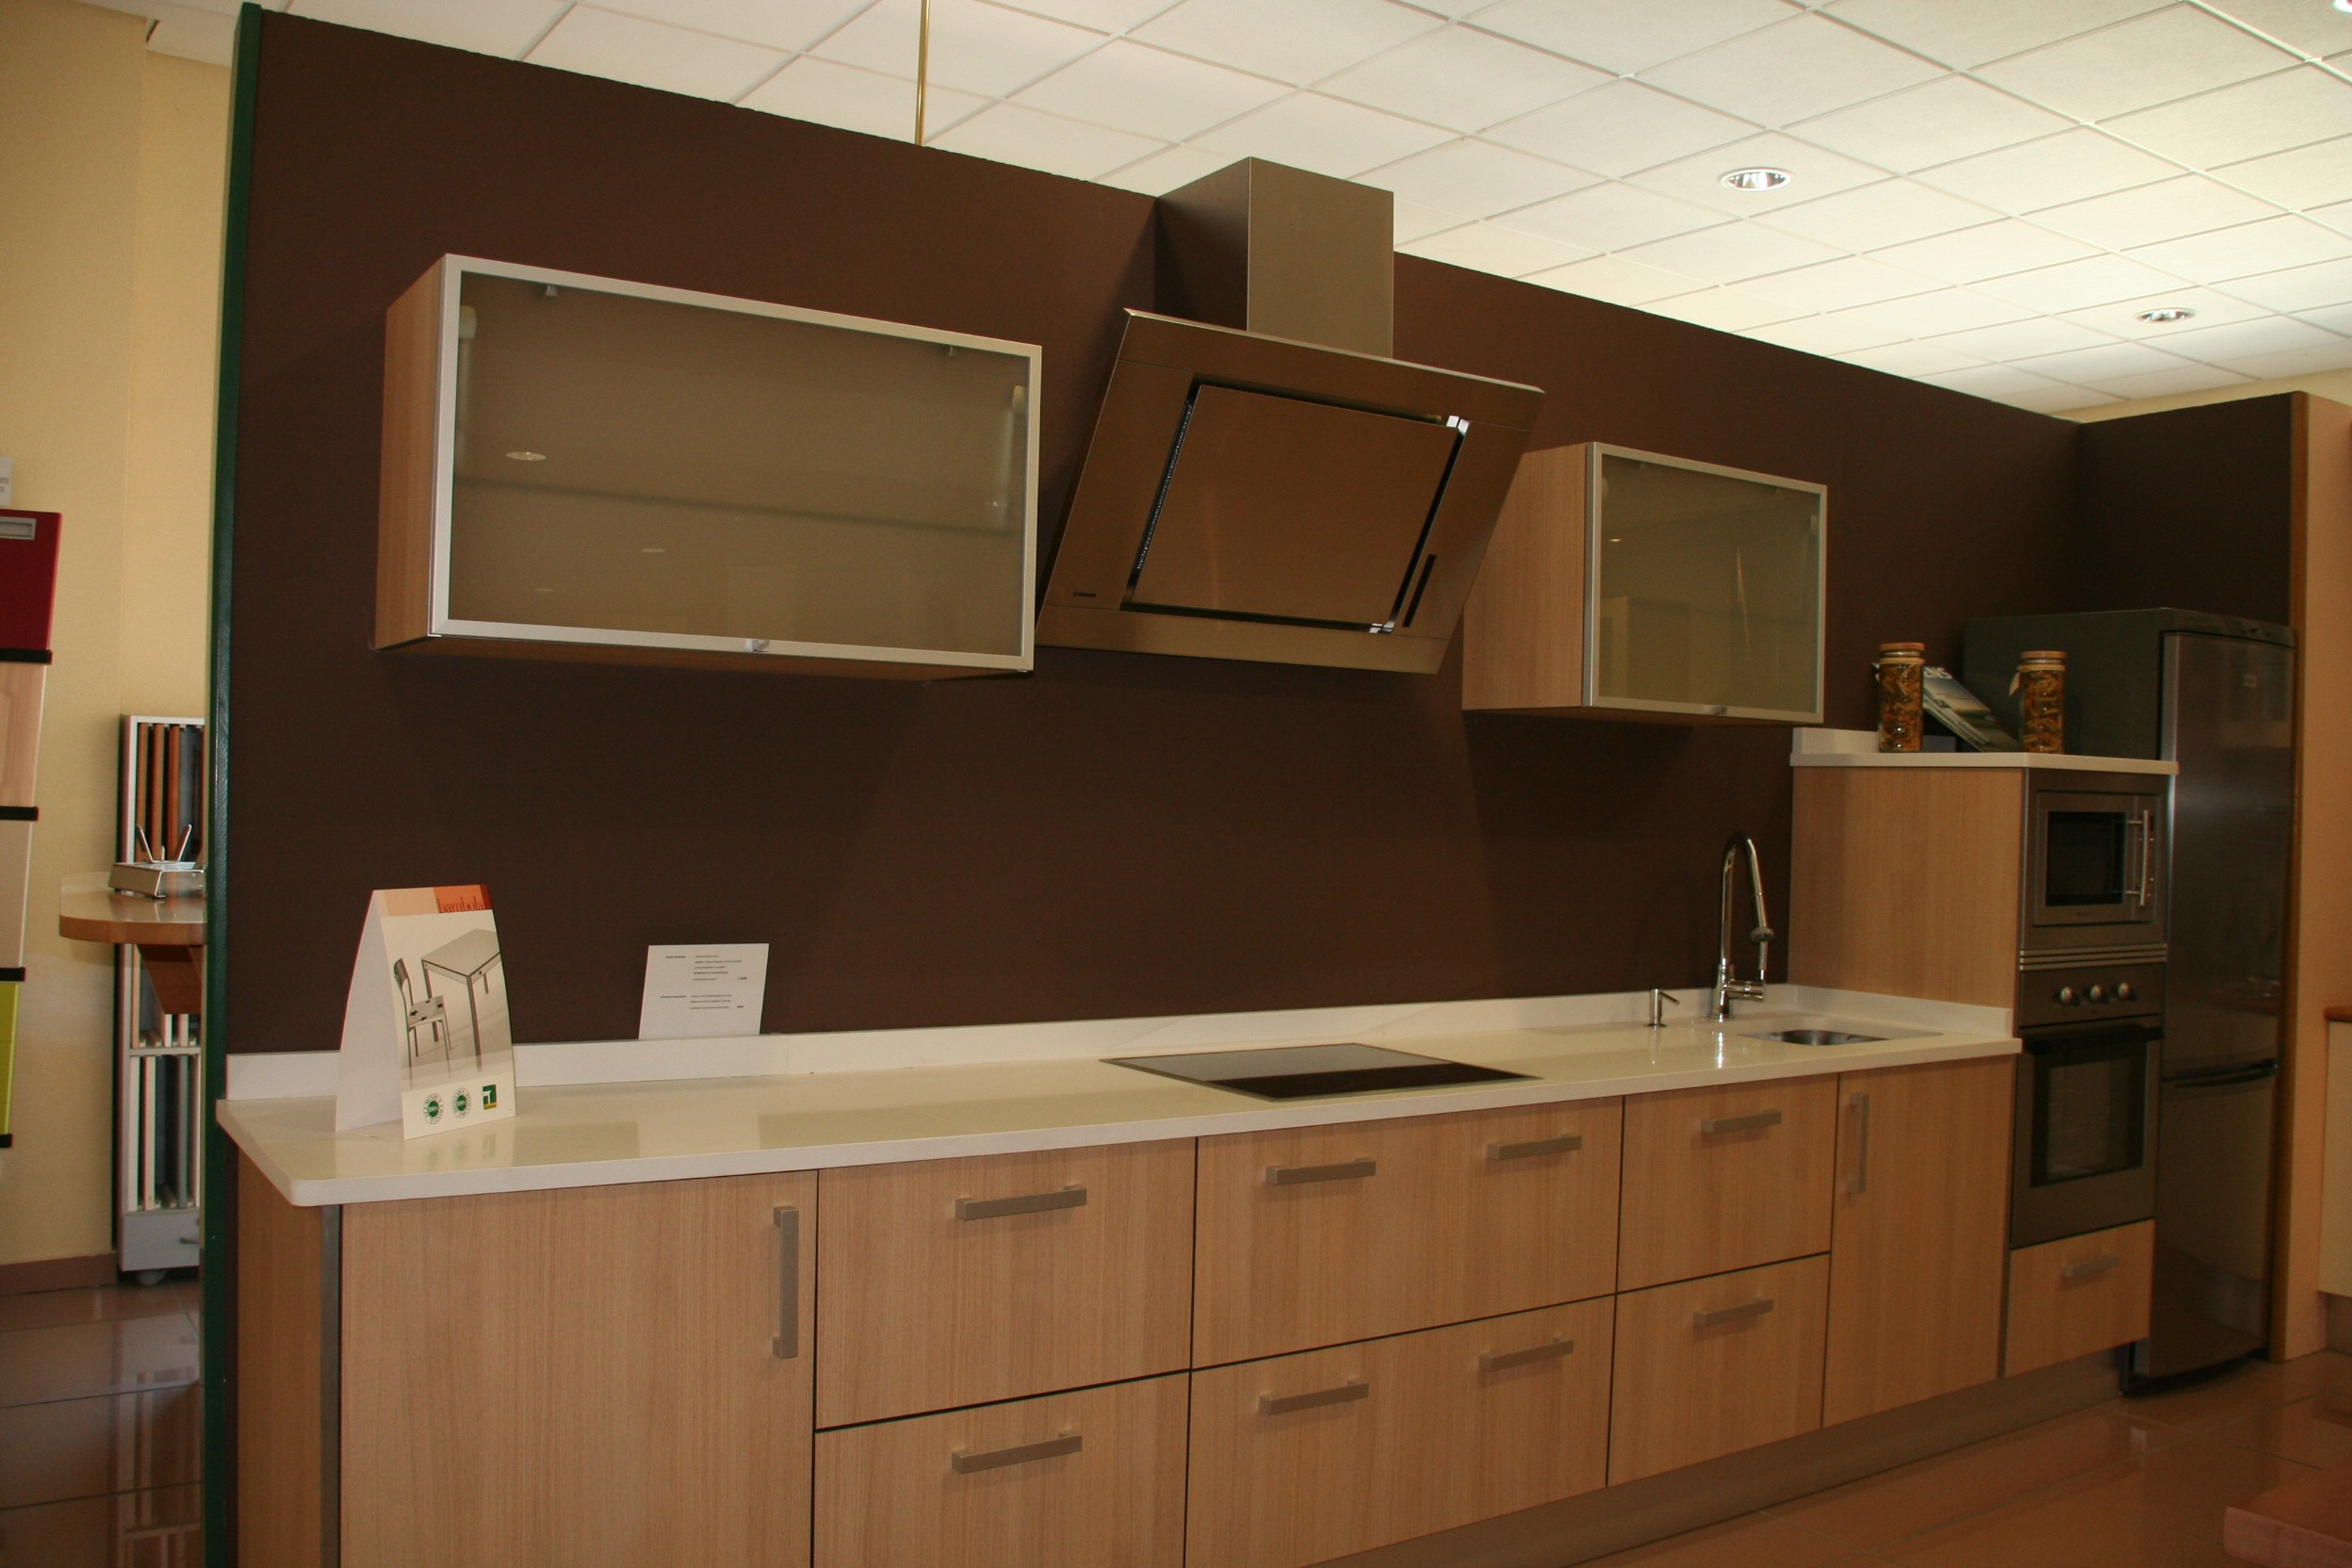 Hermoso precio de una cocina fotos este fin de semana - Cuanto vale una cocina completa ...